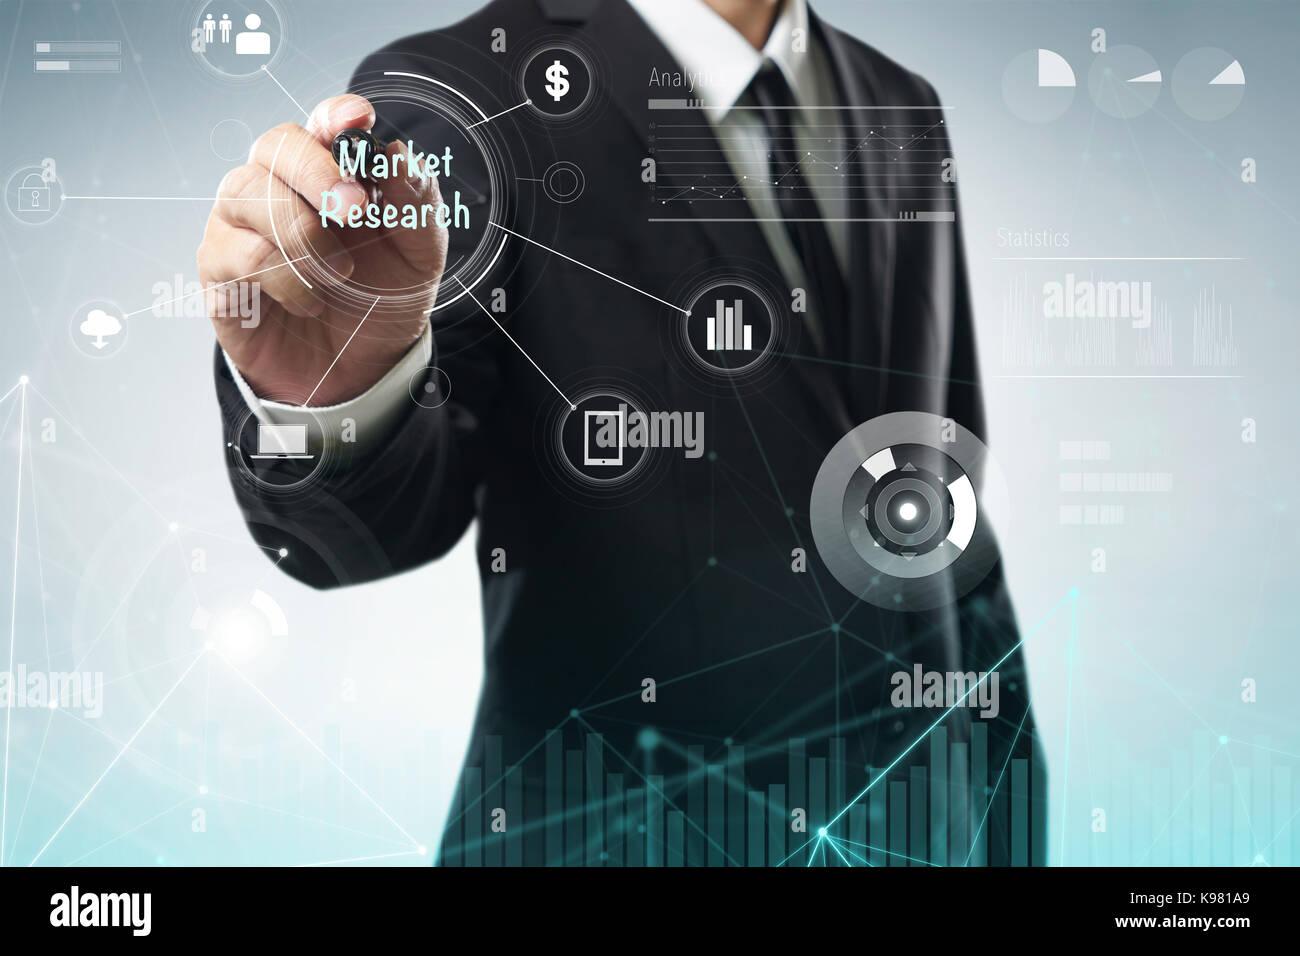 Businessman appeler 'marché' recherche mot sur l'écran virtuel numérique . hi-tech concept Photo Stock